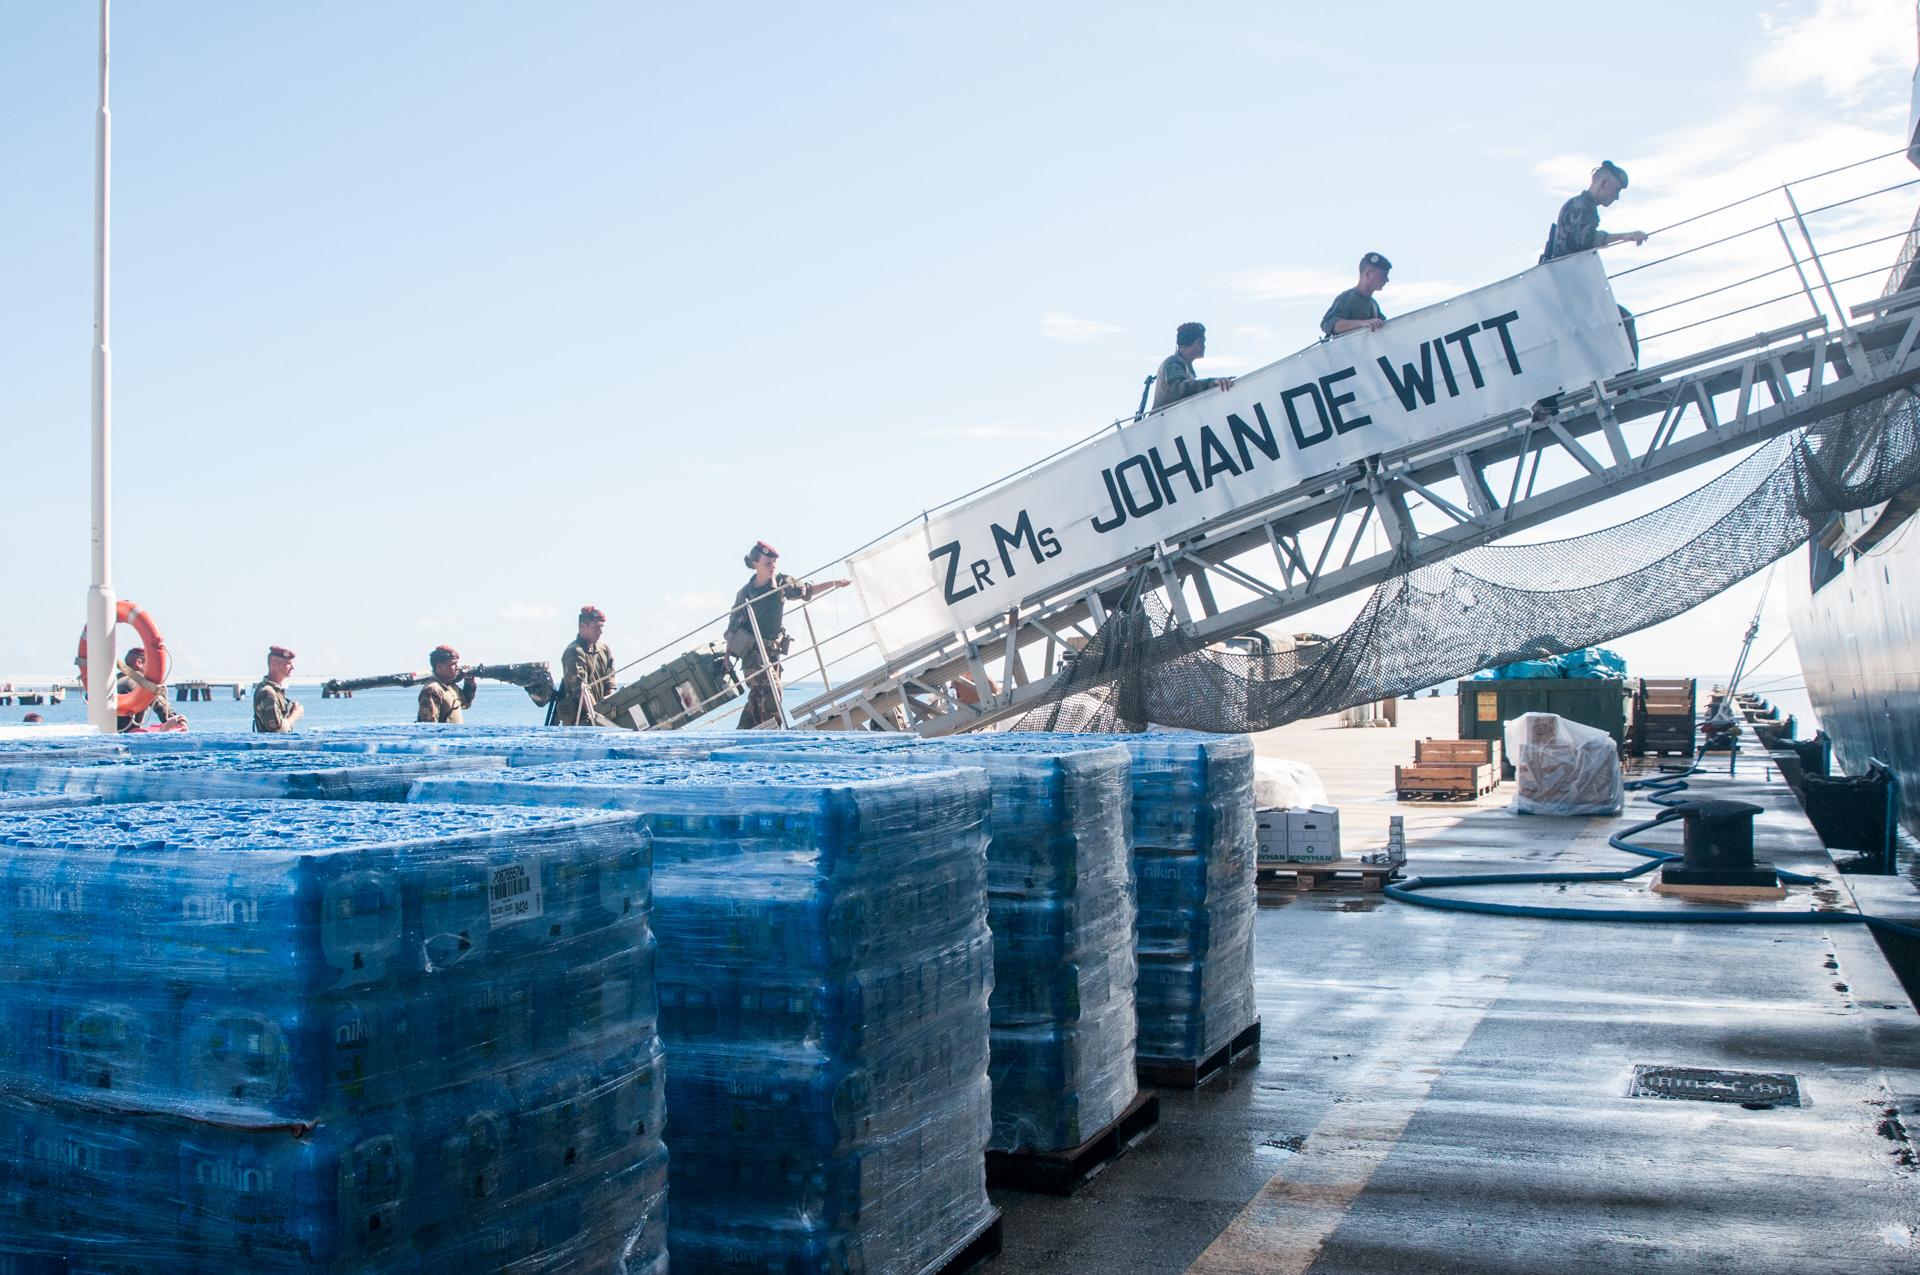 Les forces armées aux Antilles vont être déployées pour venir en aide à la population des Bahamas